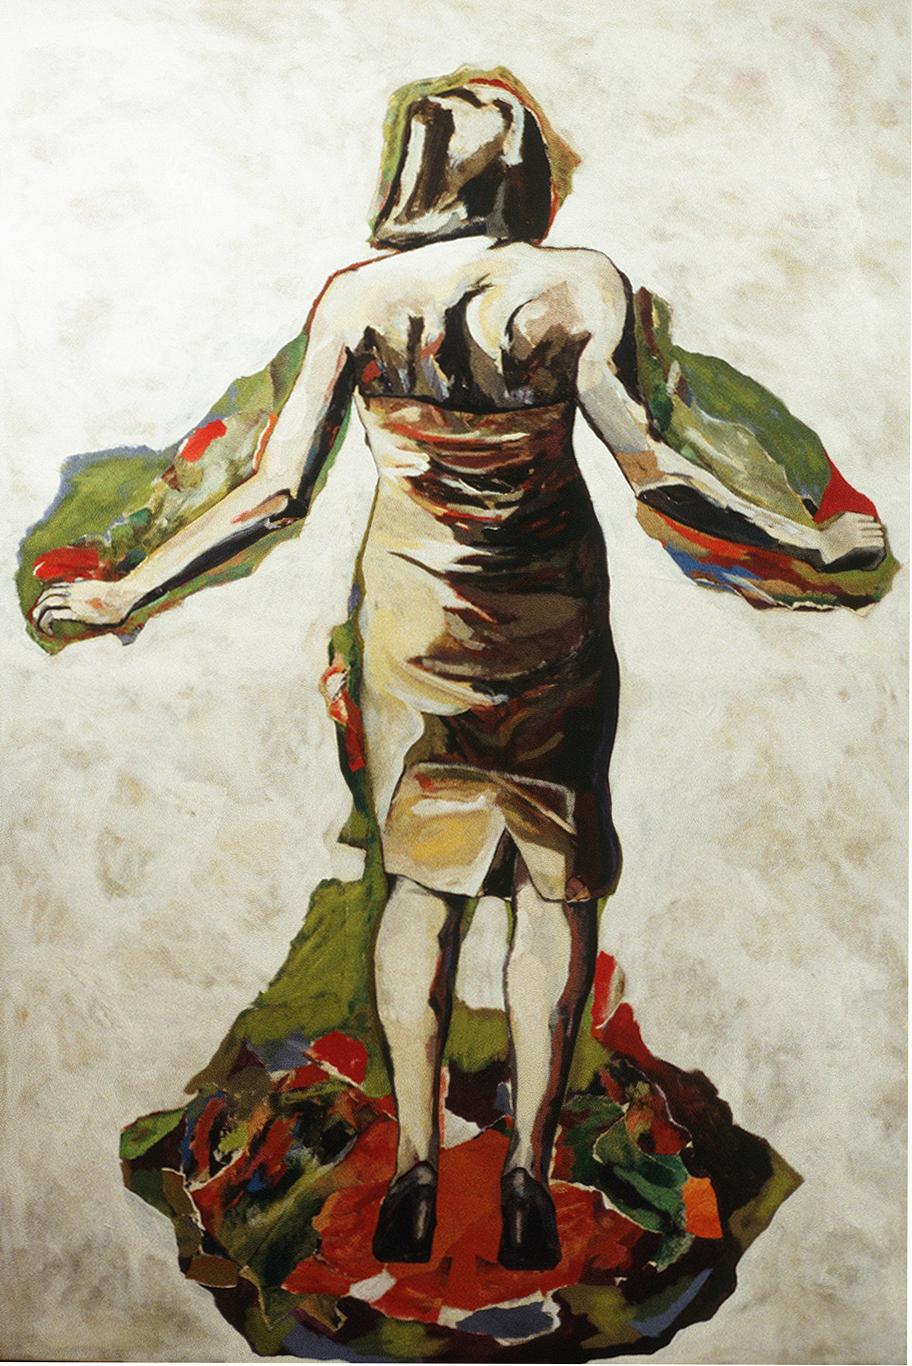 """Corps de contrainte II, 1996, 234 x 160 cm - 92"""" x 63"""",  acrylique et collage sur toile - acrylic and collage on canvas."""